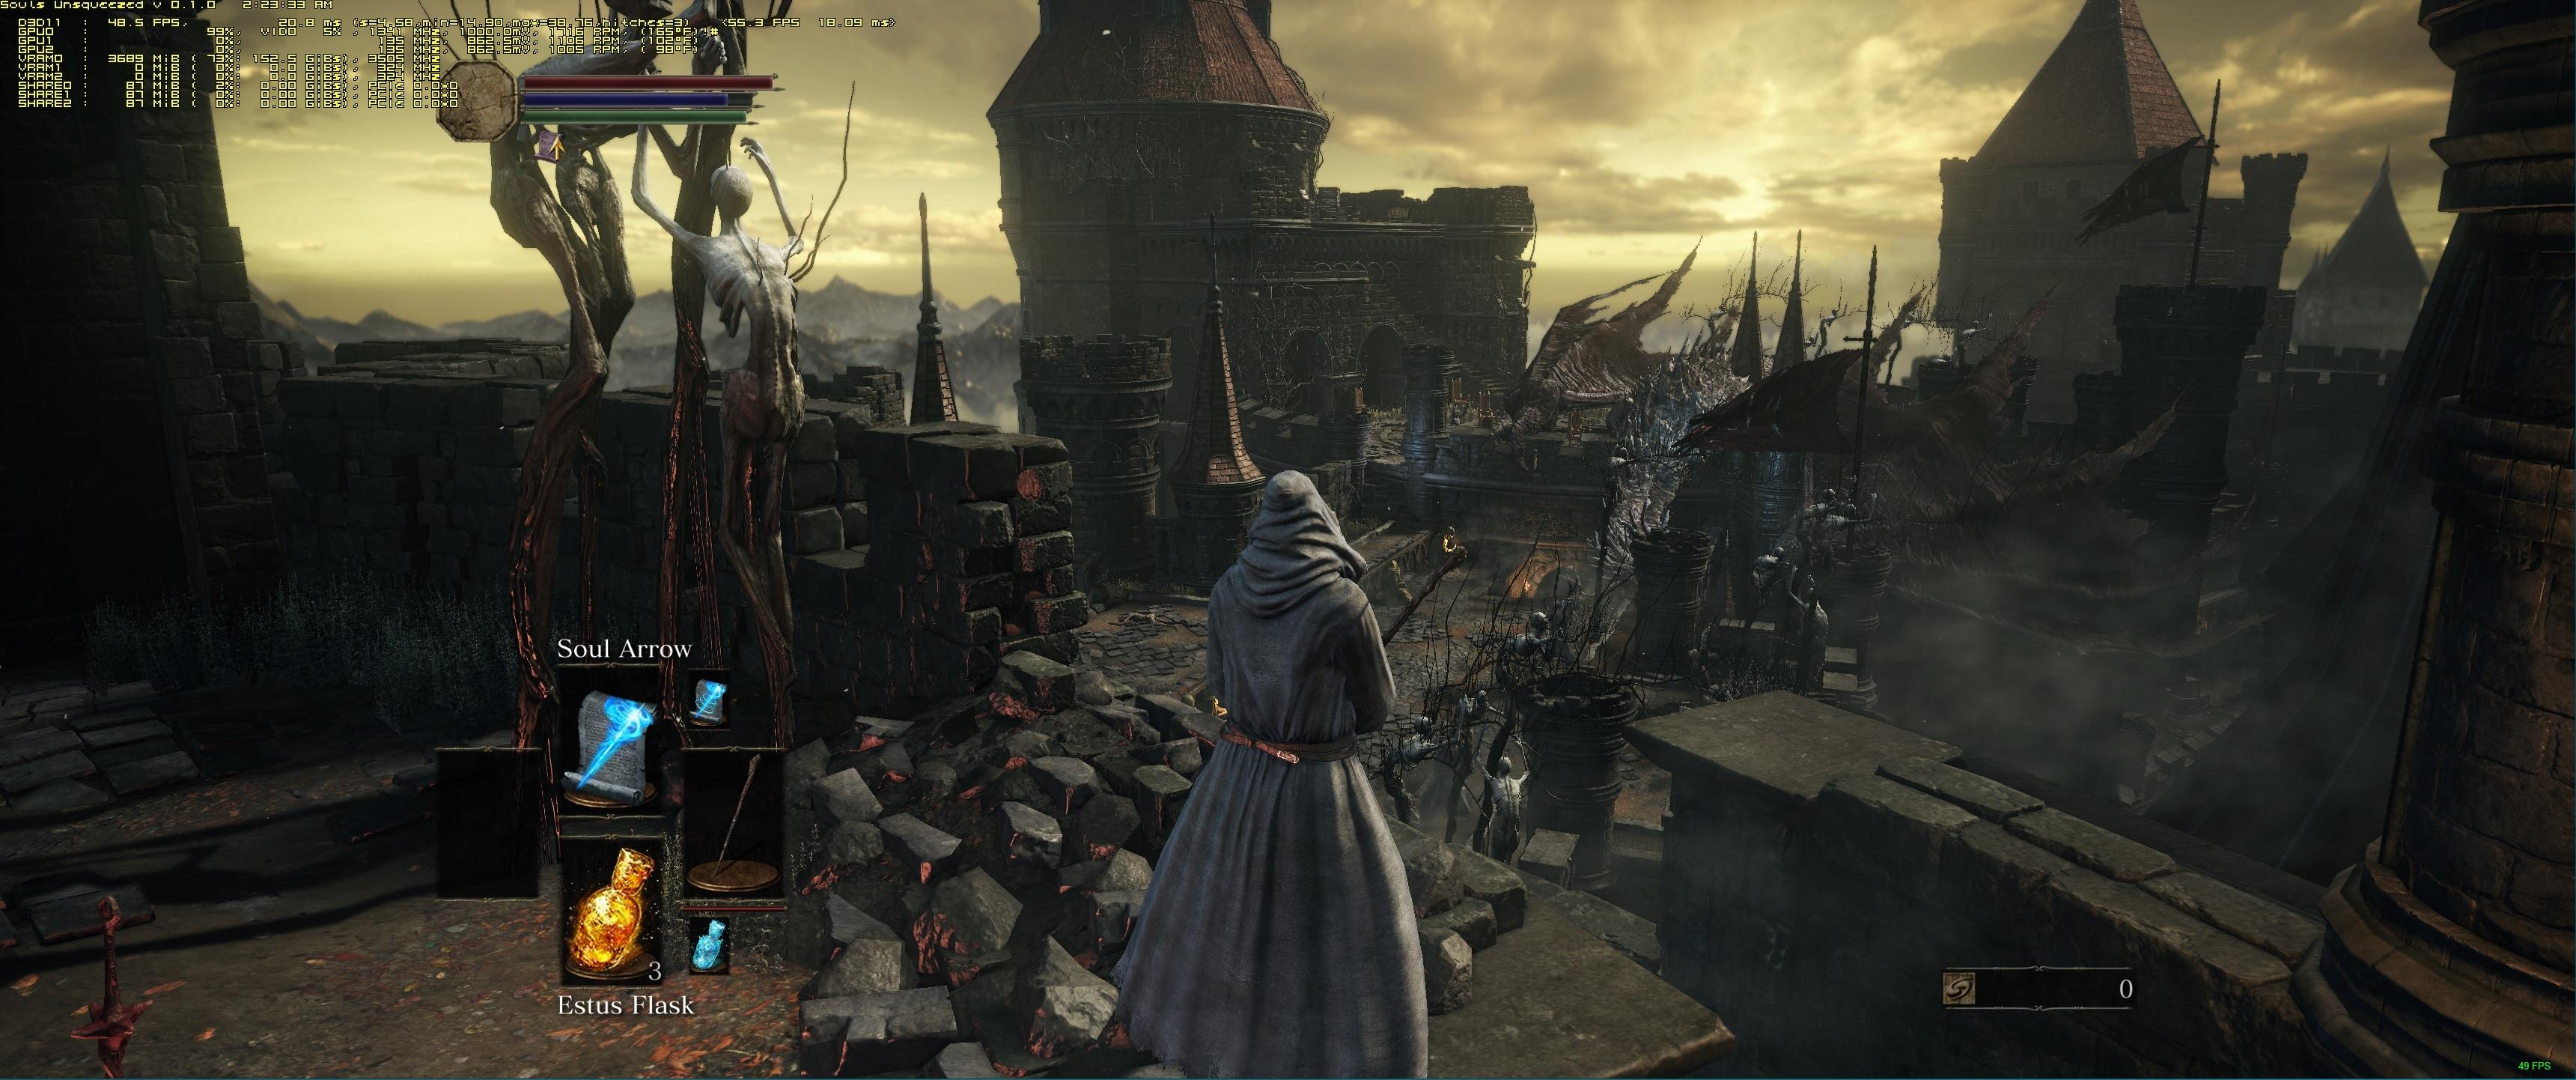 """Dark Souls 3 21 9: Steam Community :: Guide :: Souls """"Unsqueezed"""""""